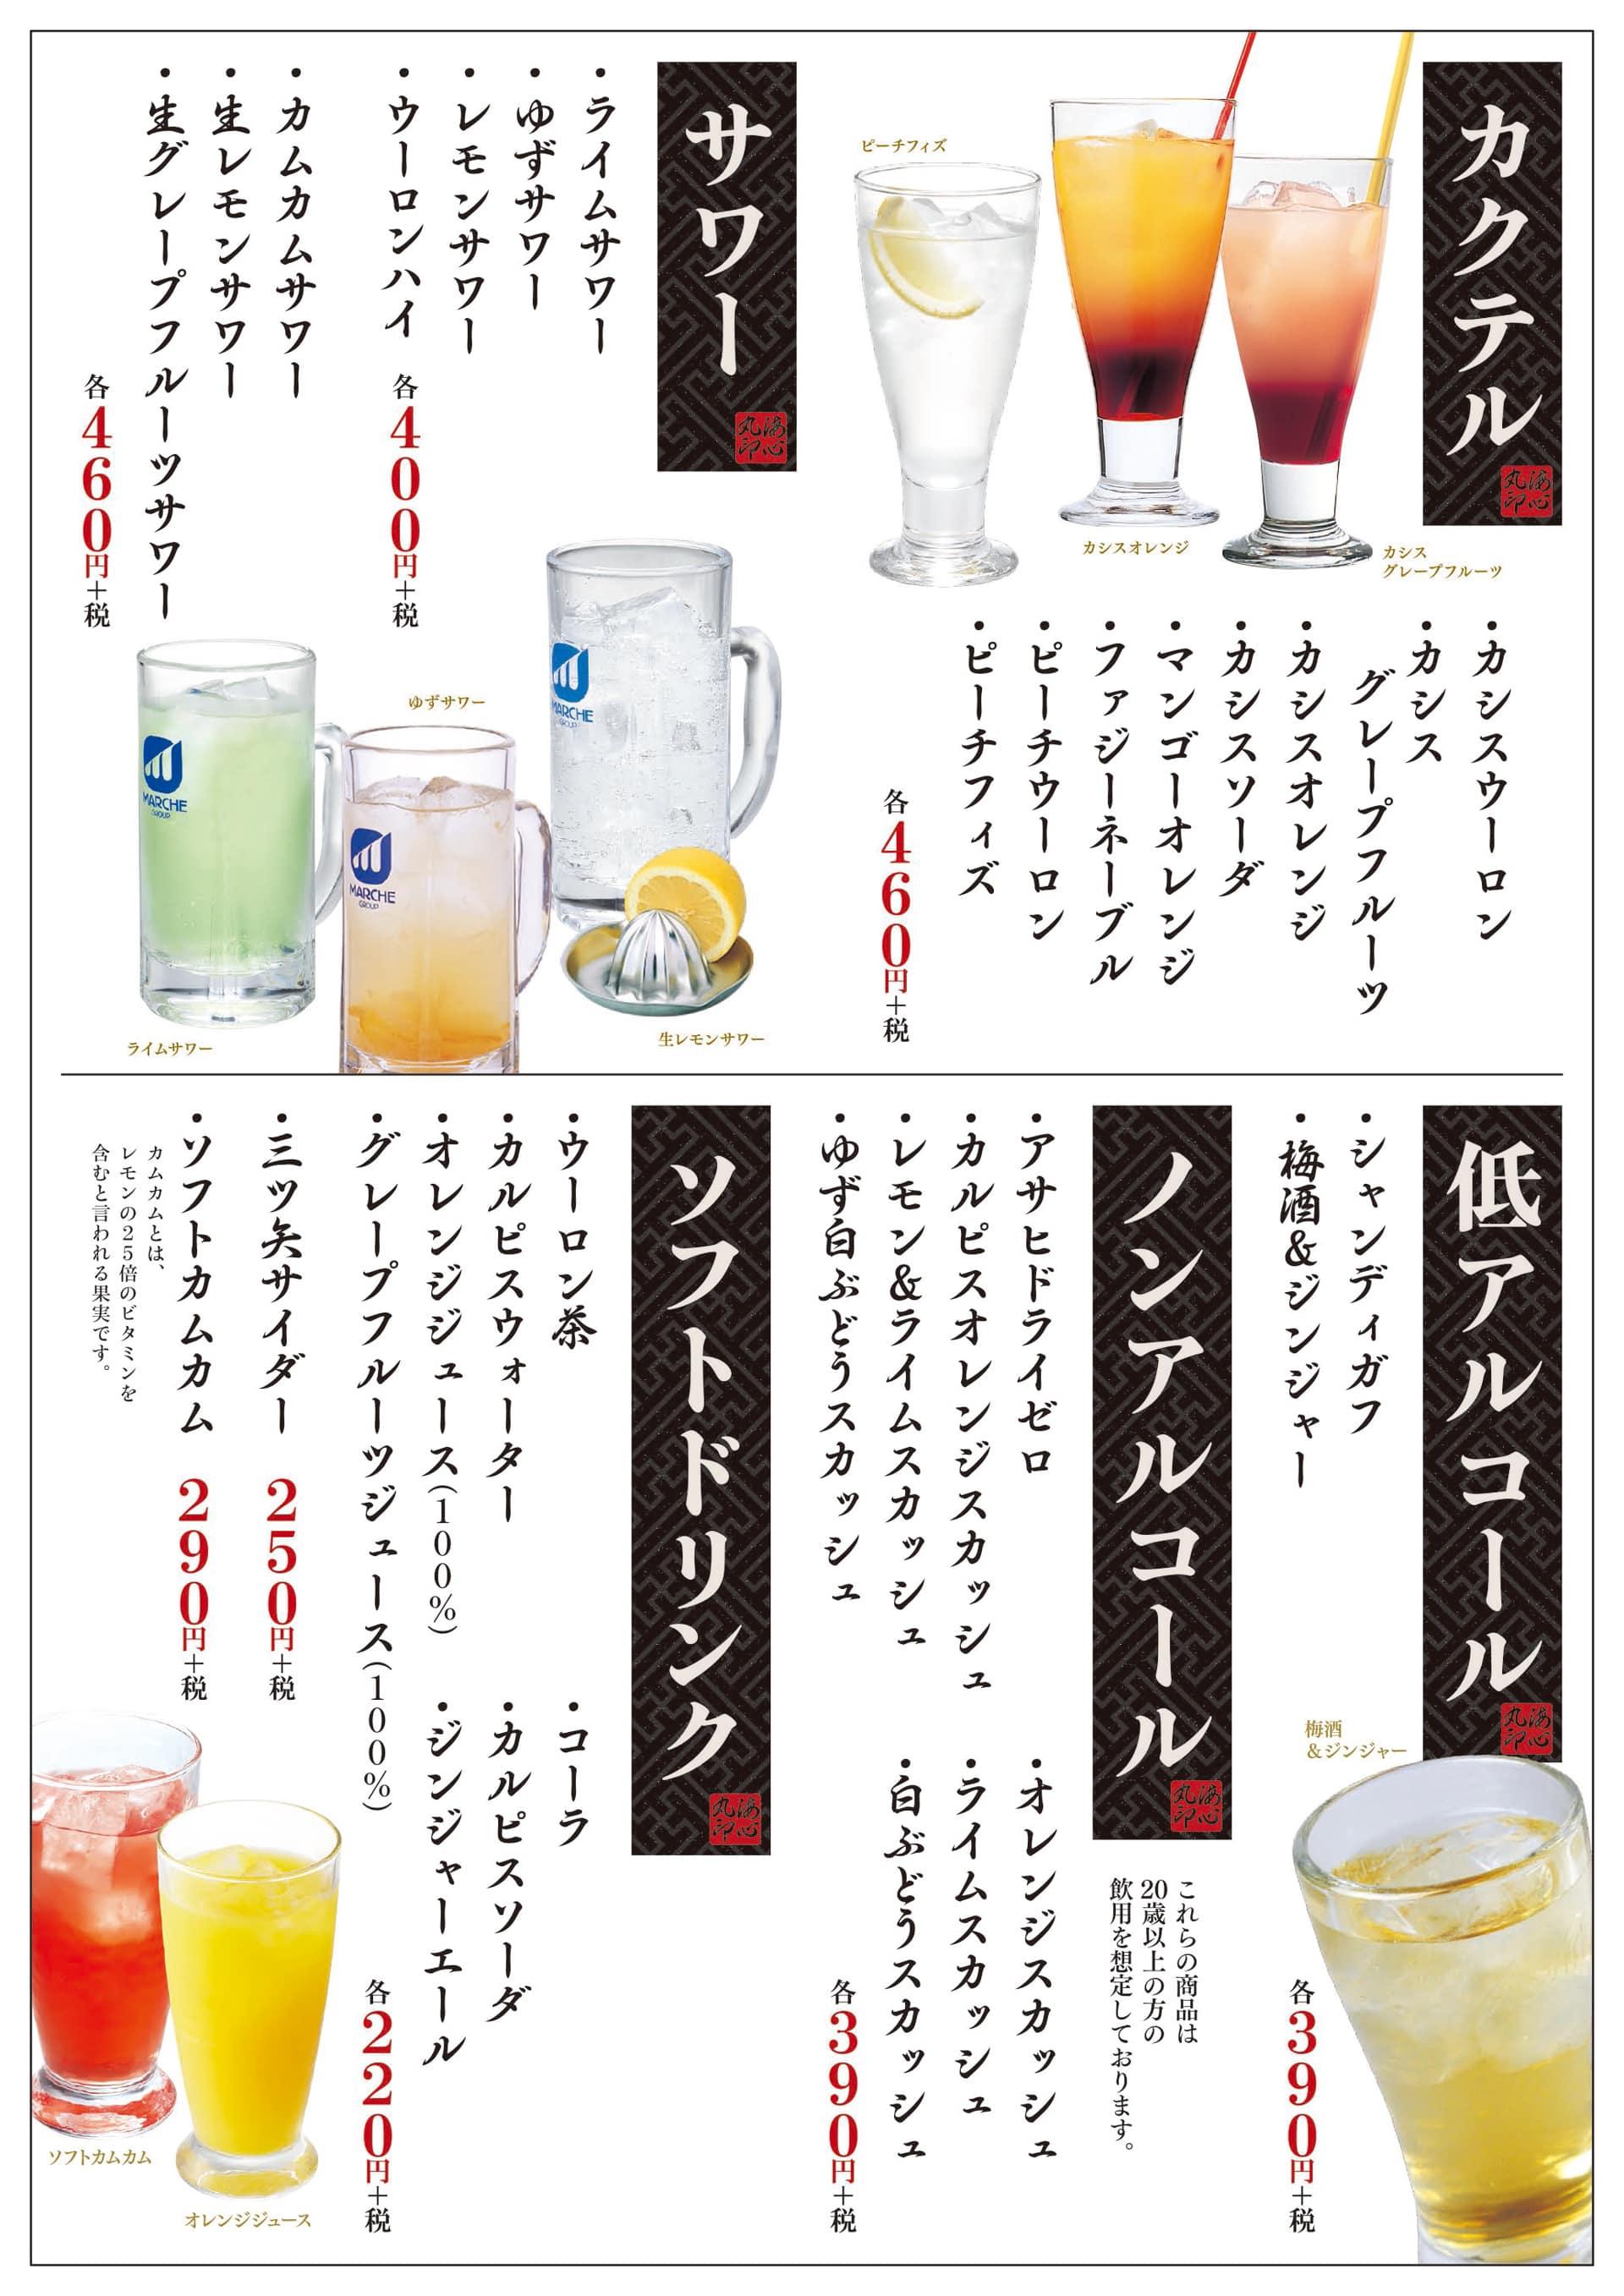 海心丸 カクテル・ソフトドリンク